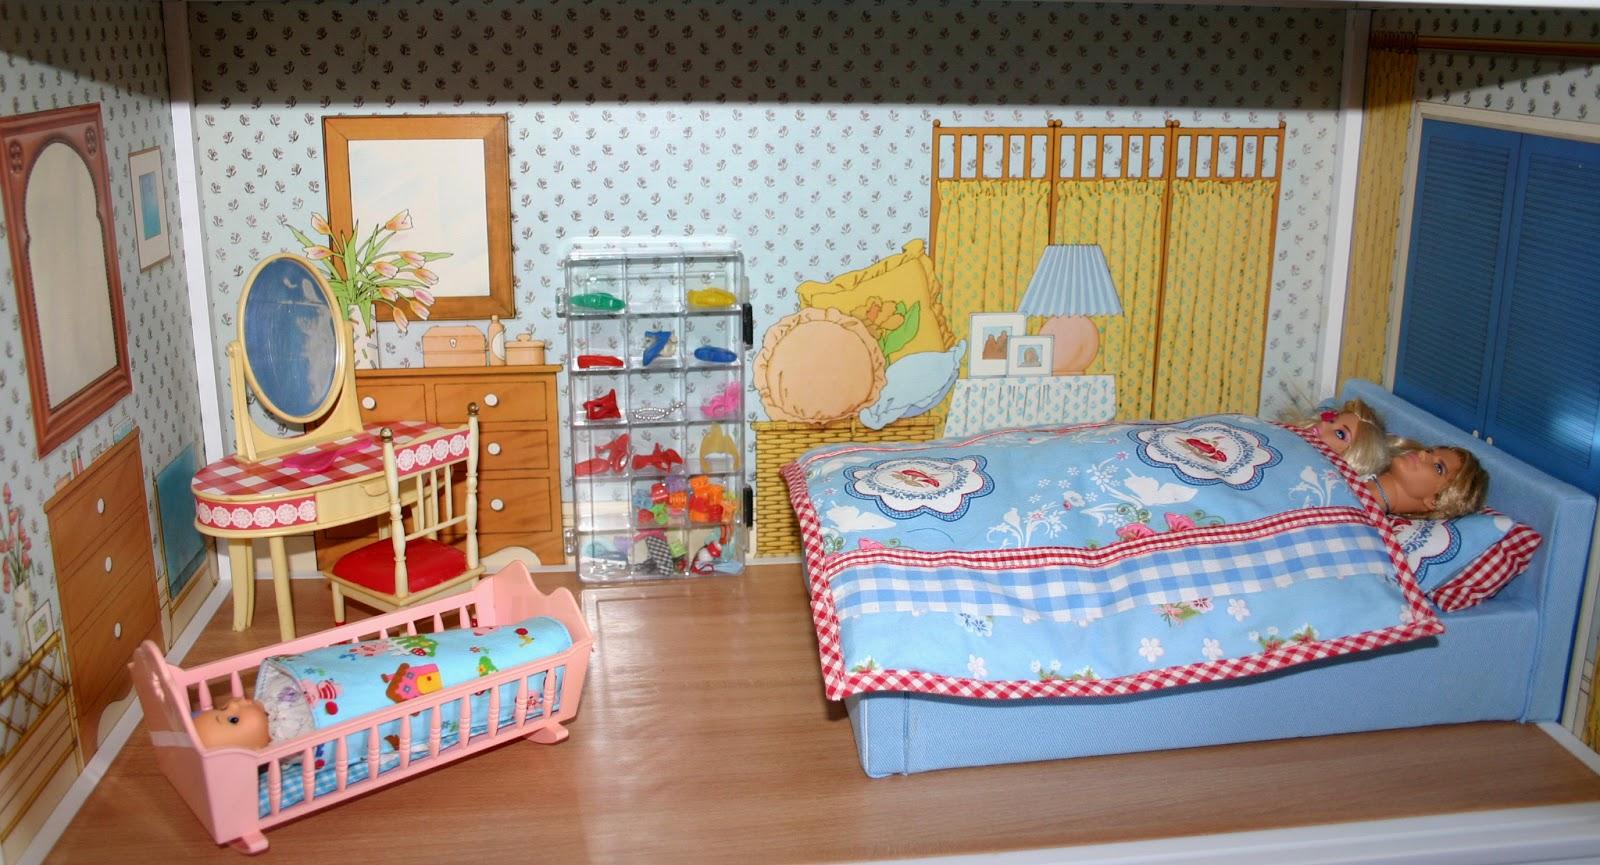 ... accessoires slaapkamer maken : De familie slaapkamer met vitrine kast